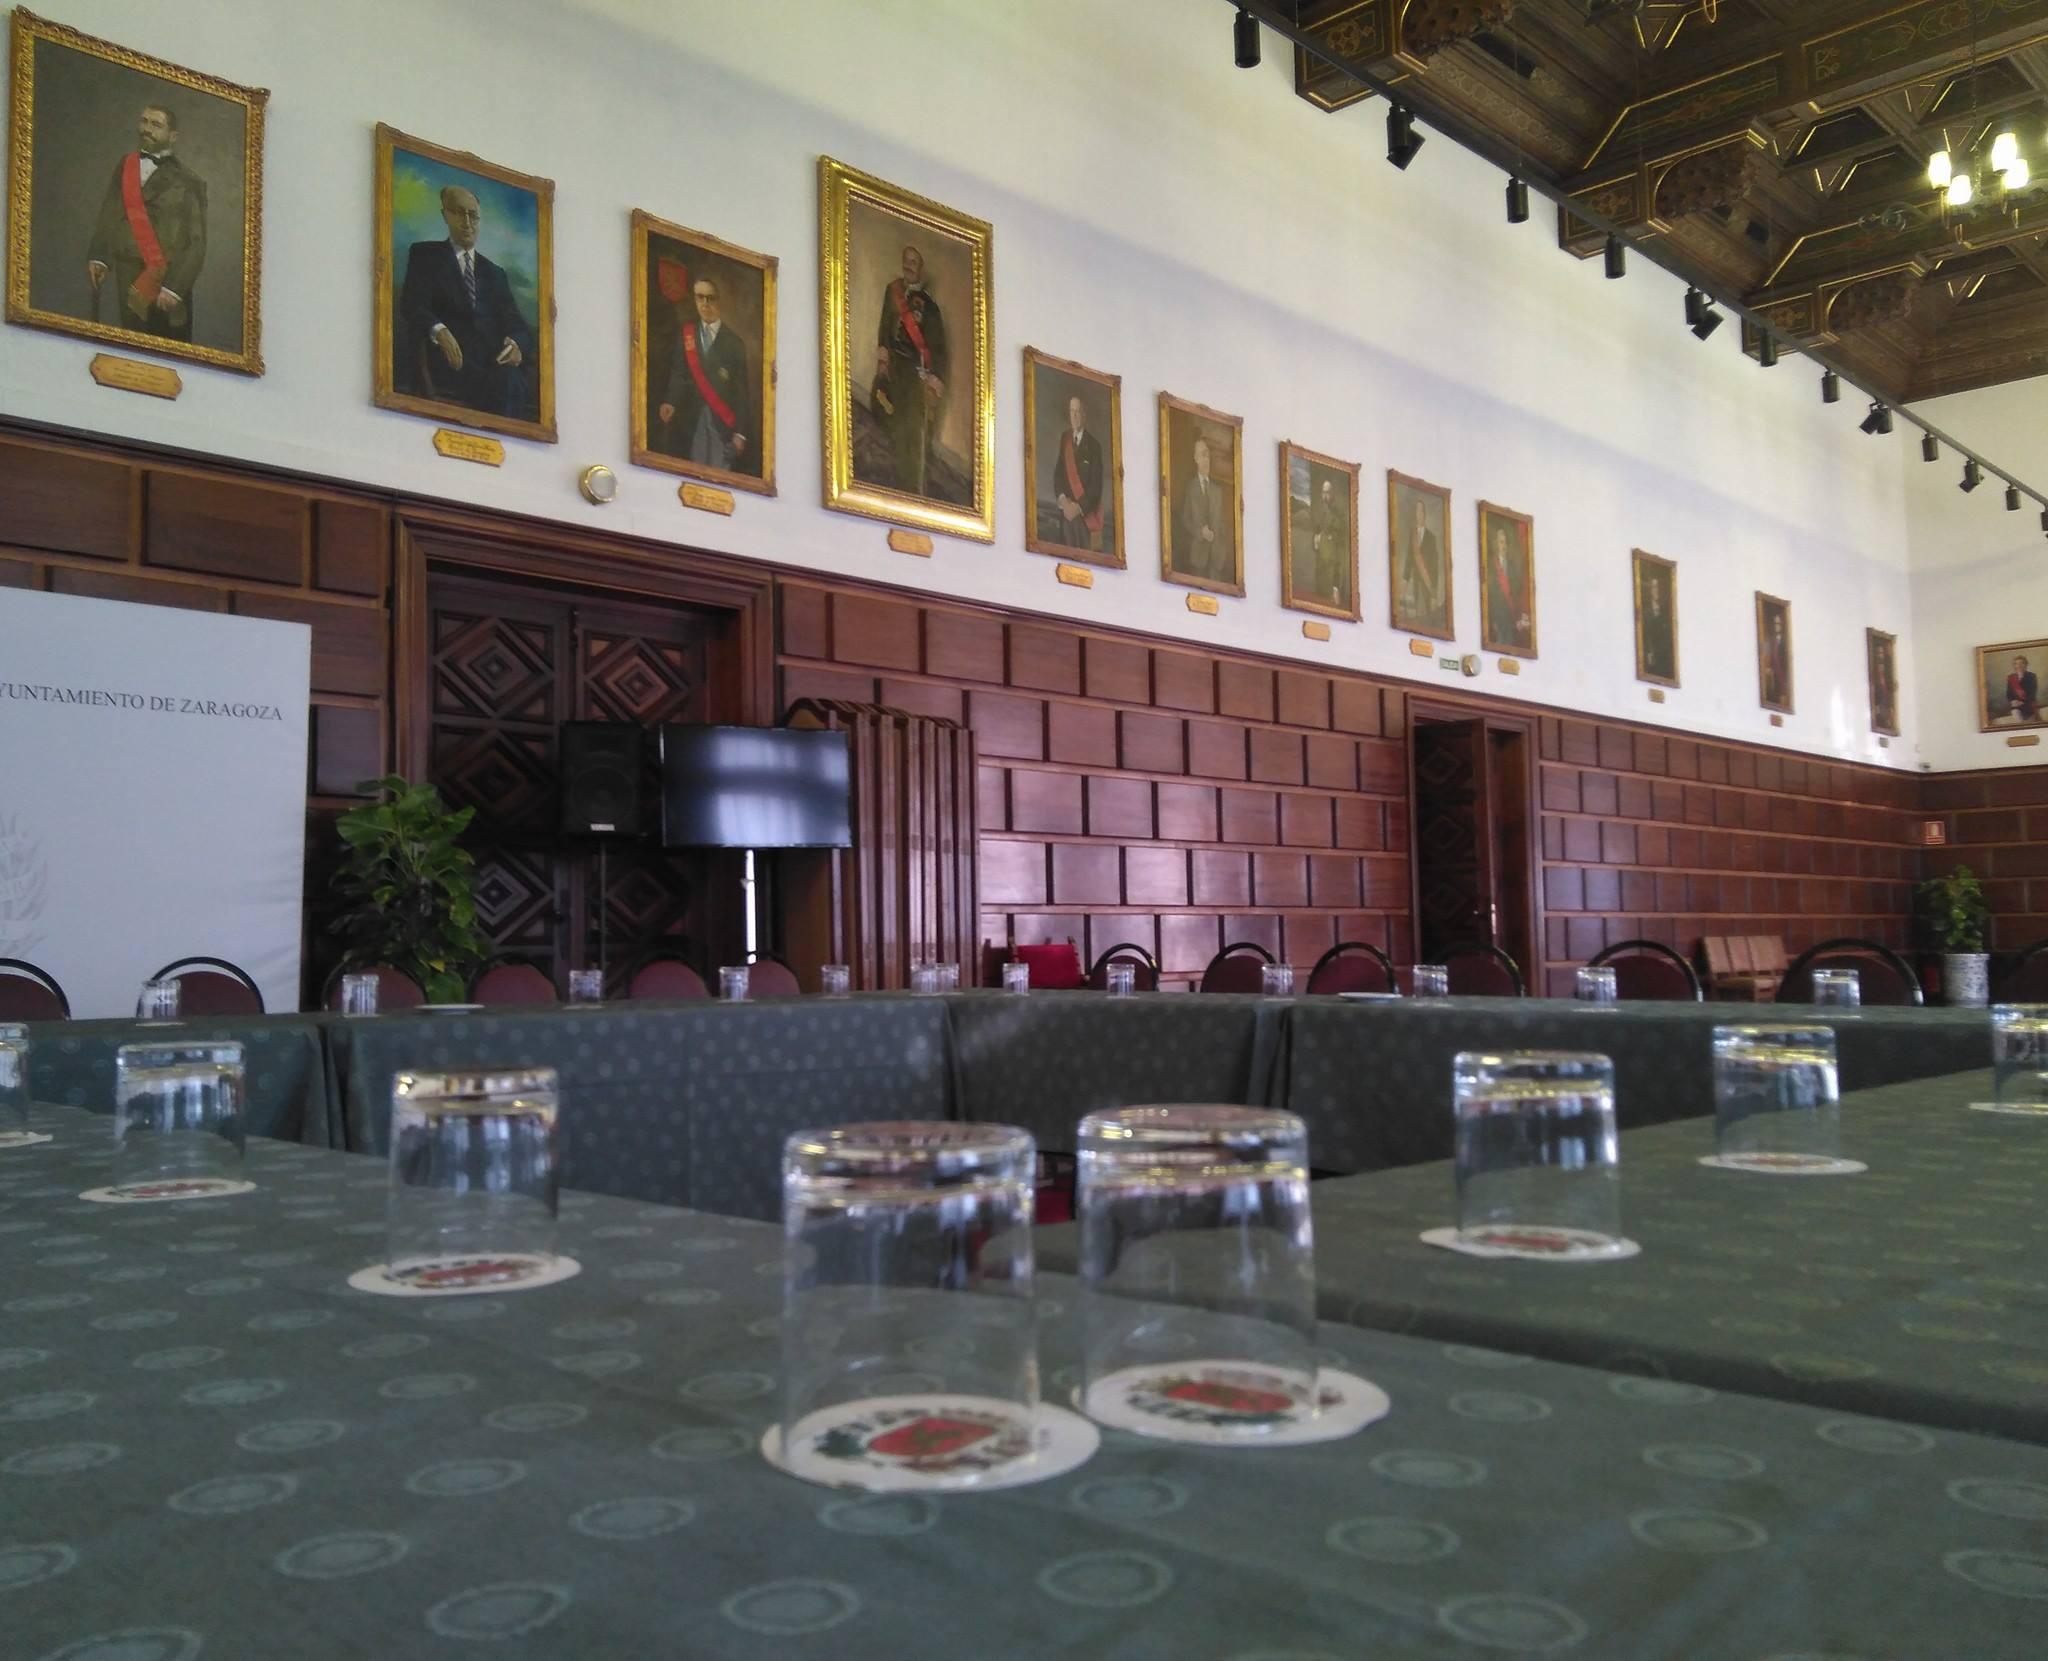 Salón de recepciones del Ayuntamiento de Zaragoza